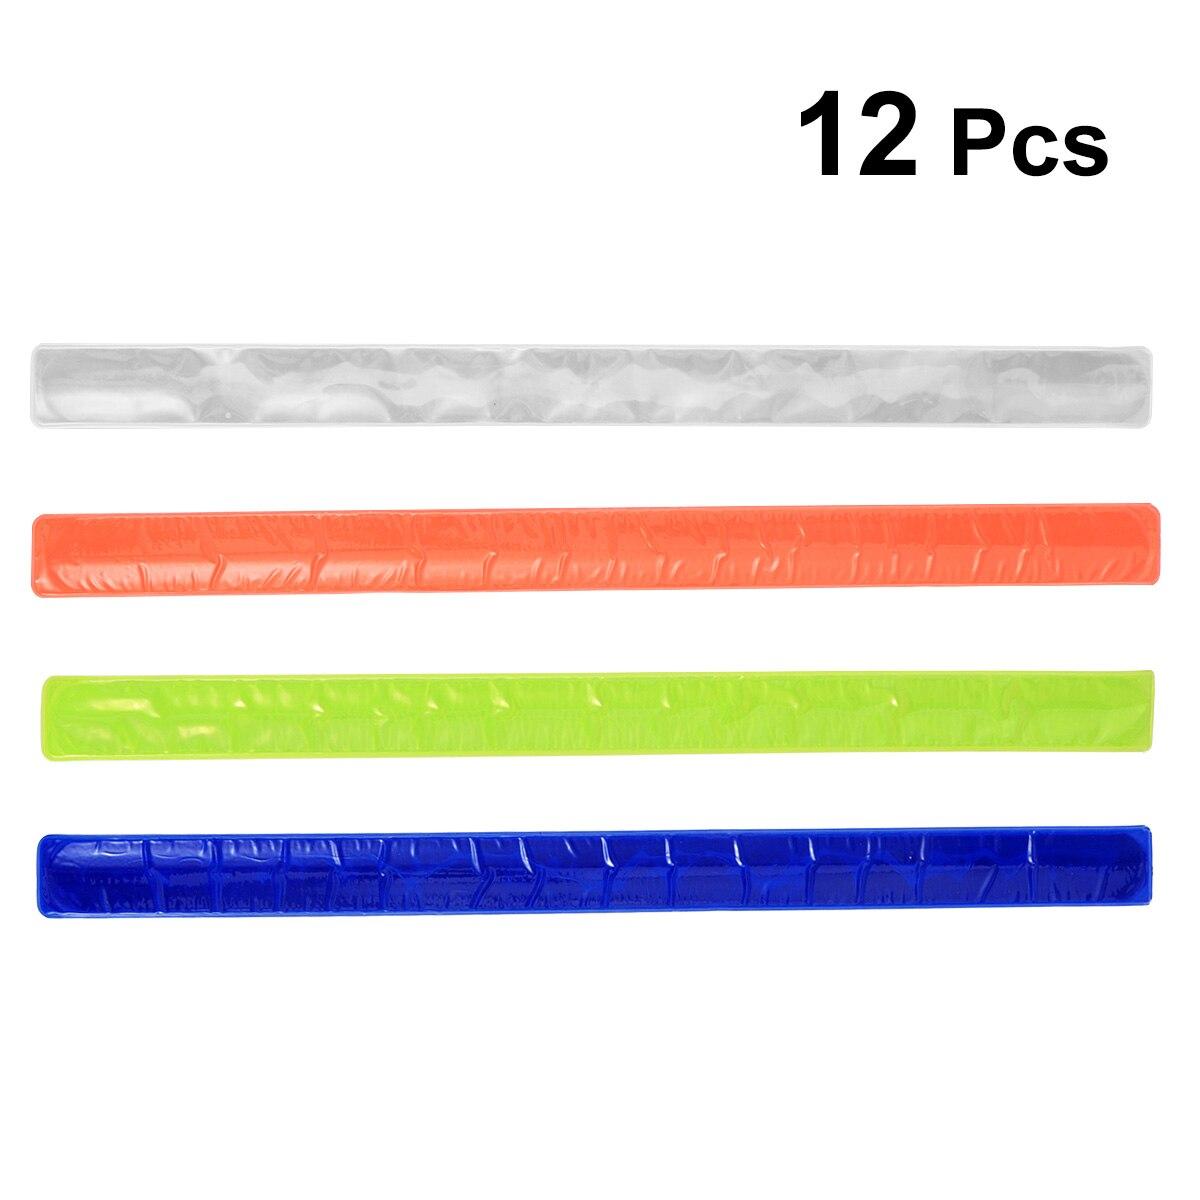 12 piezas reflectante pulsera Durable bofetada PVC de seguridad la noche corriendo brazaletes bandas bofetada pulseras luminosas